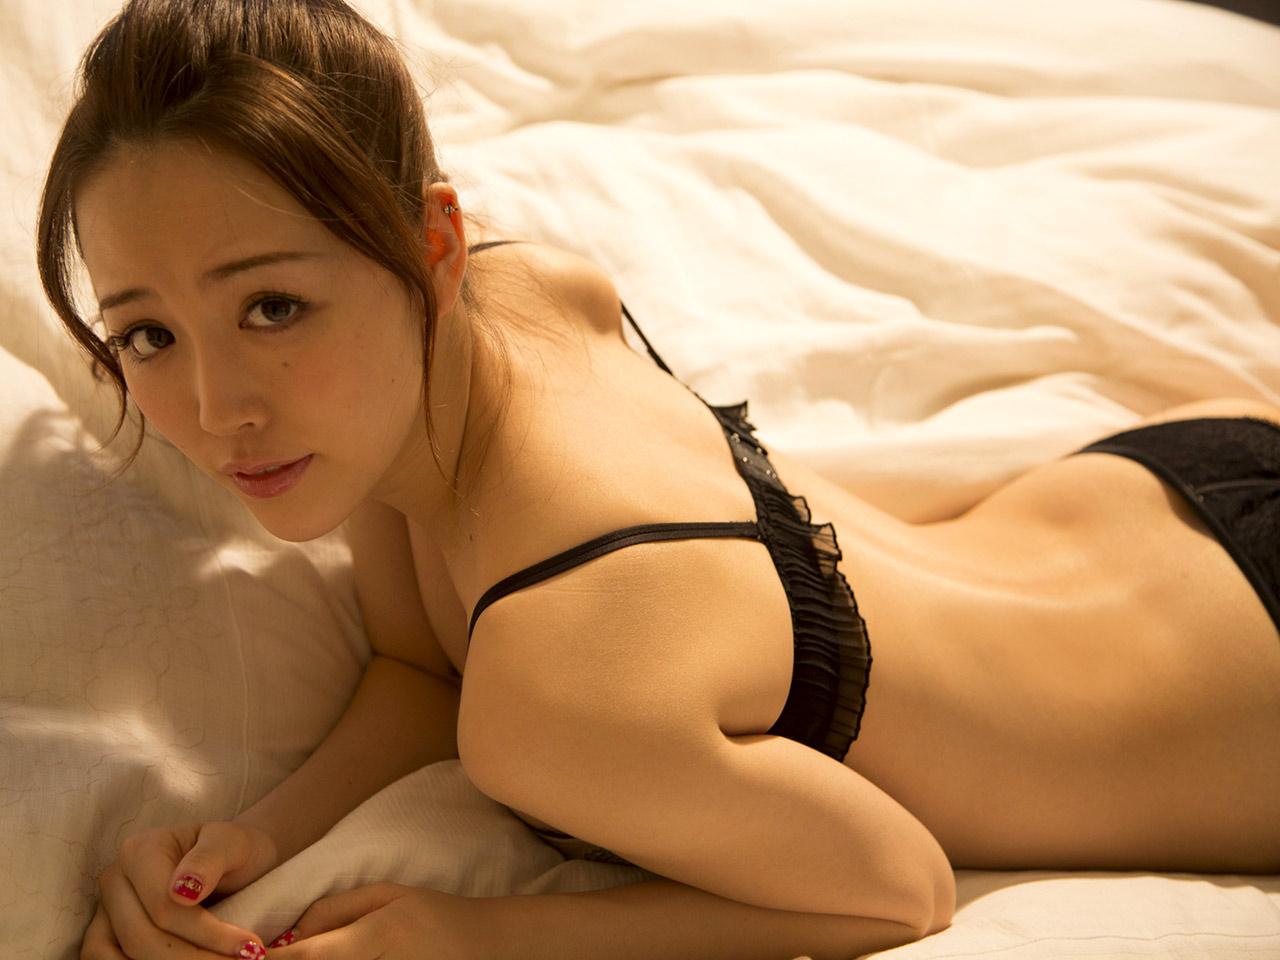 Cassandra pornstar big tits